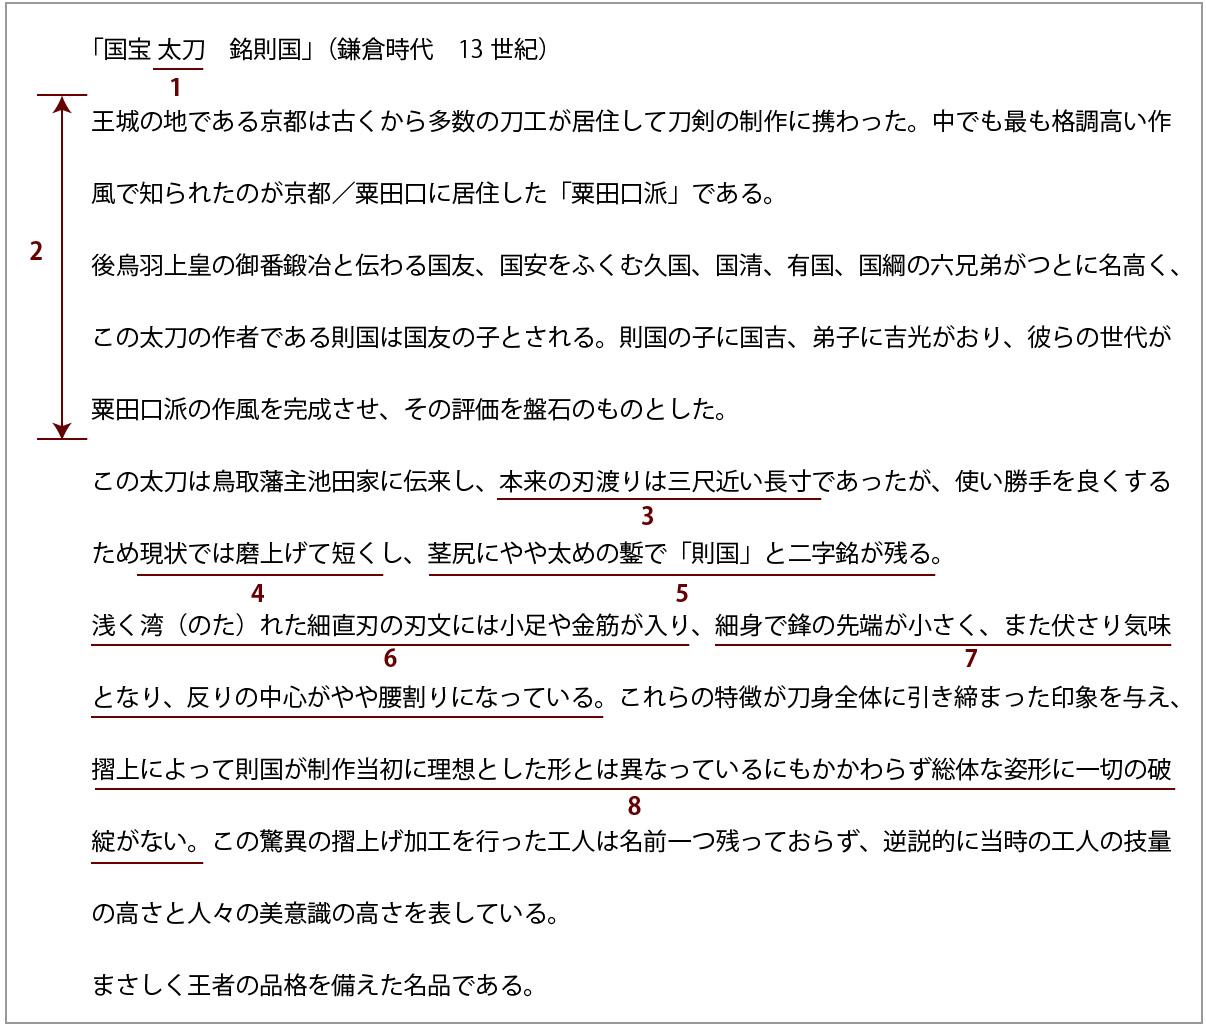 京都国立博物館キャプション